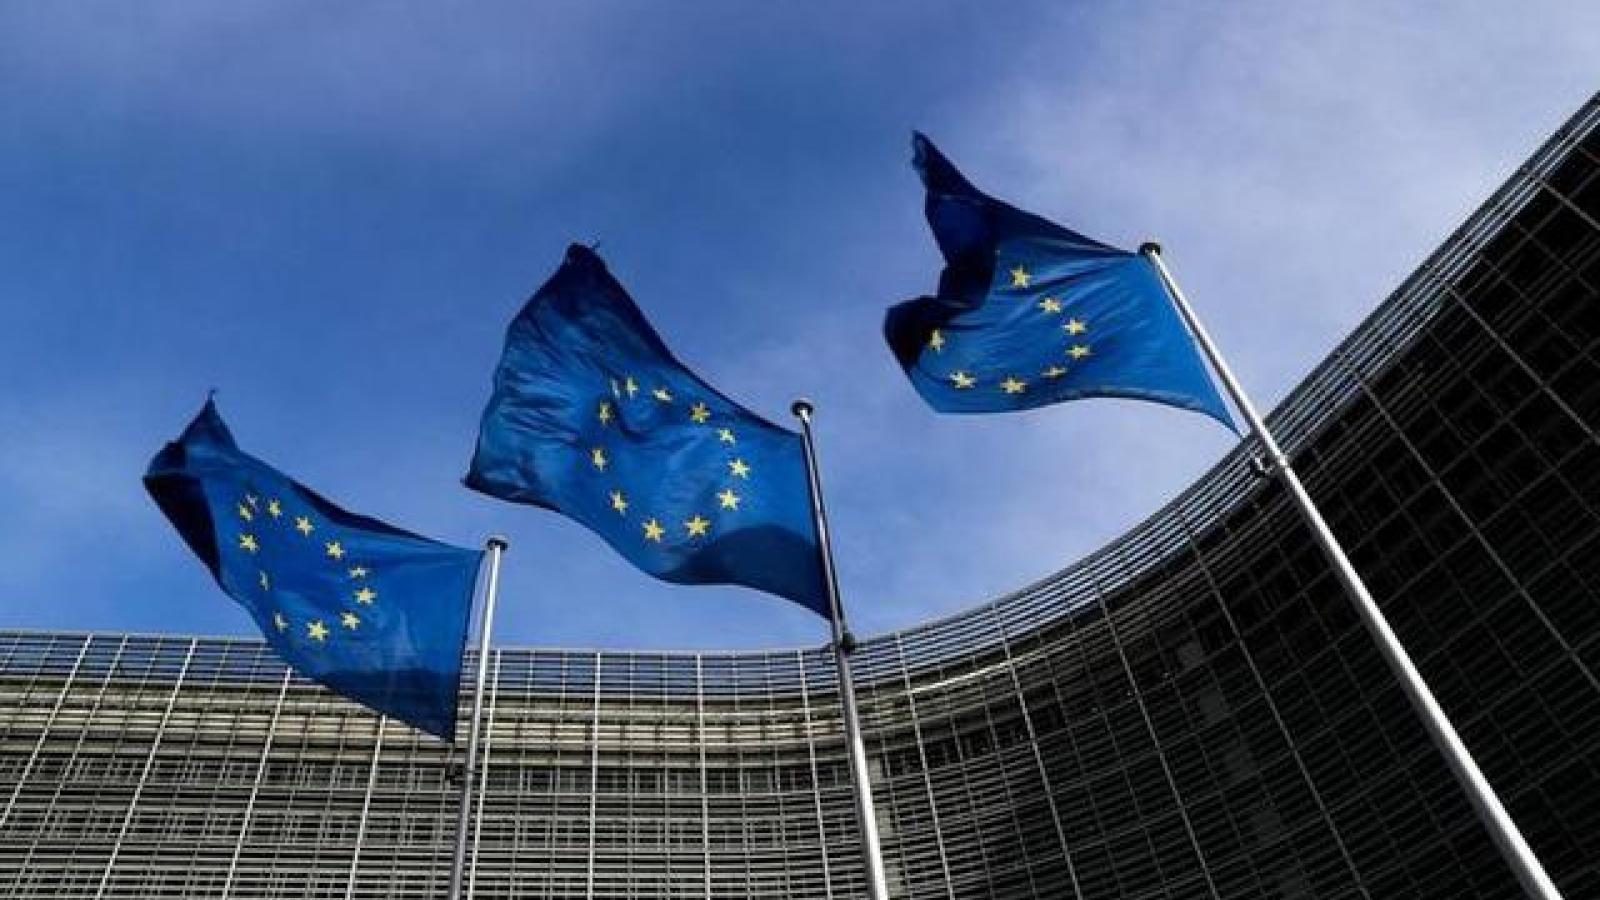 Liên minh châu Âu mở rộng trừng phạt Syria